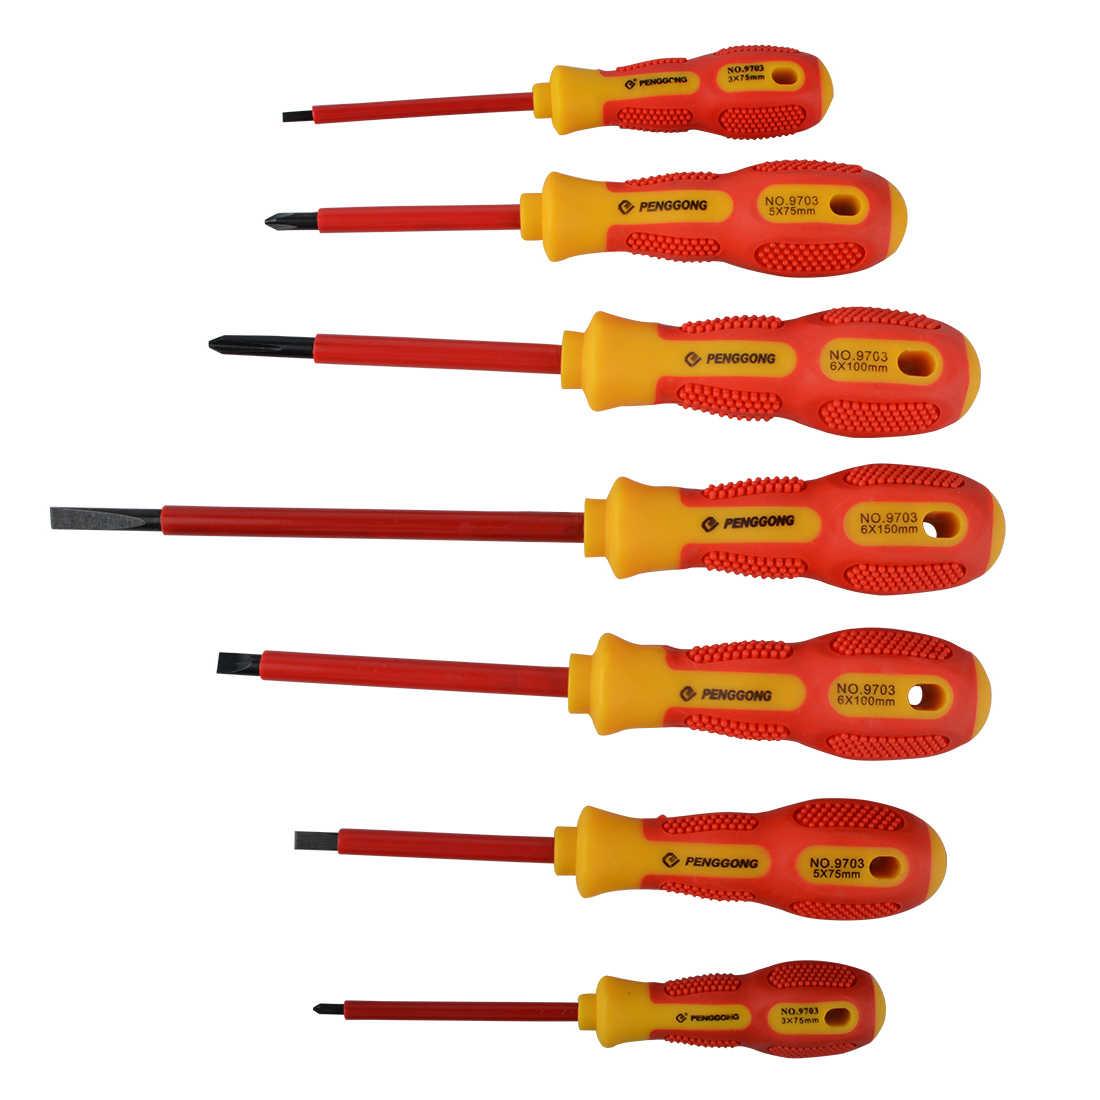 Terisolasi Obeng Menahan Tegangan 1000V Presisi Magnetic Phillips Berlubang untuk Peralatan & Perlengkapan Listrik